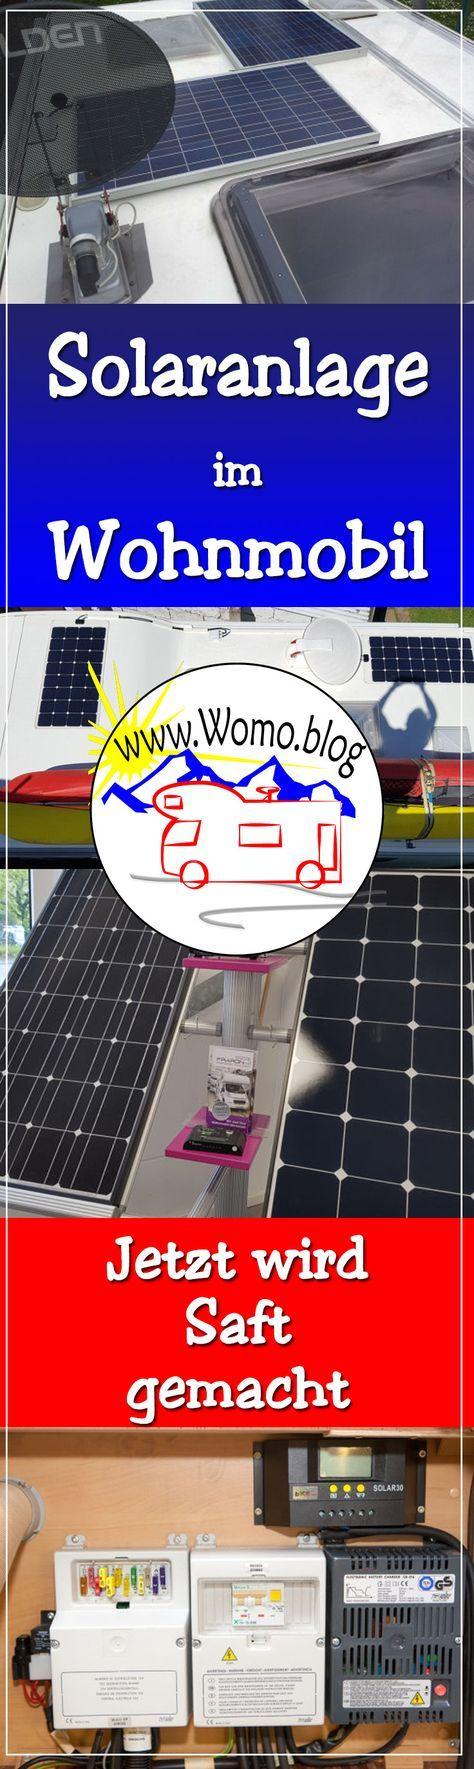 Solaranlage ins Wohnmobil einbauen ist gar nicht schwer. So wird es gemacht.